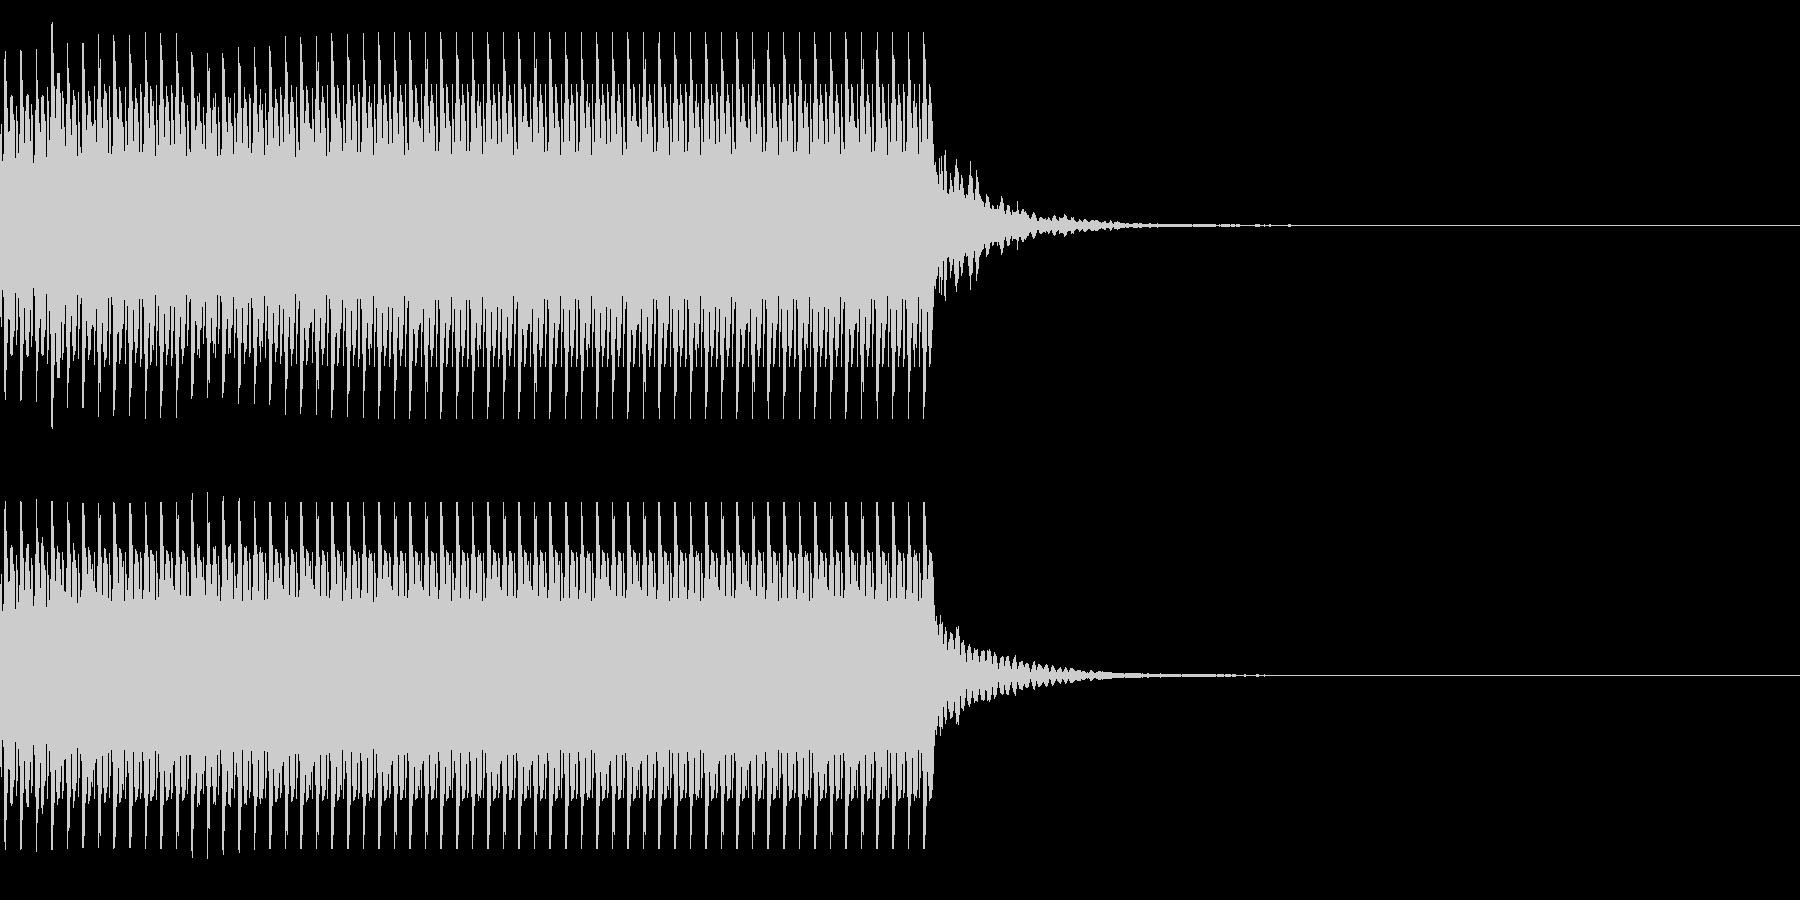 コイン60枚獲得 計算 チャリンの未再生の波形